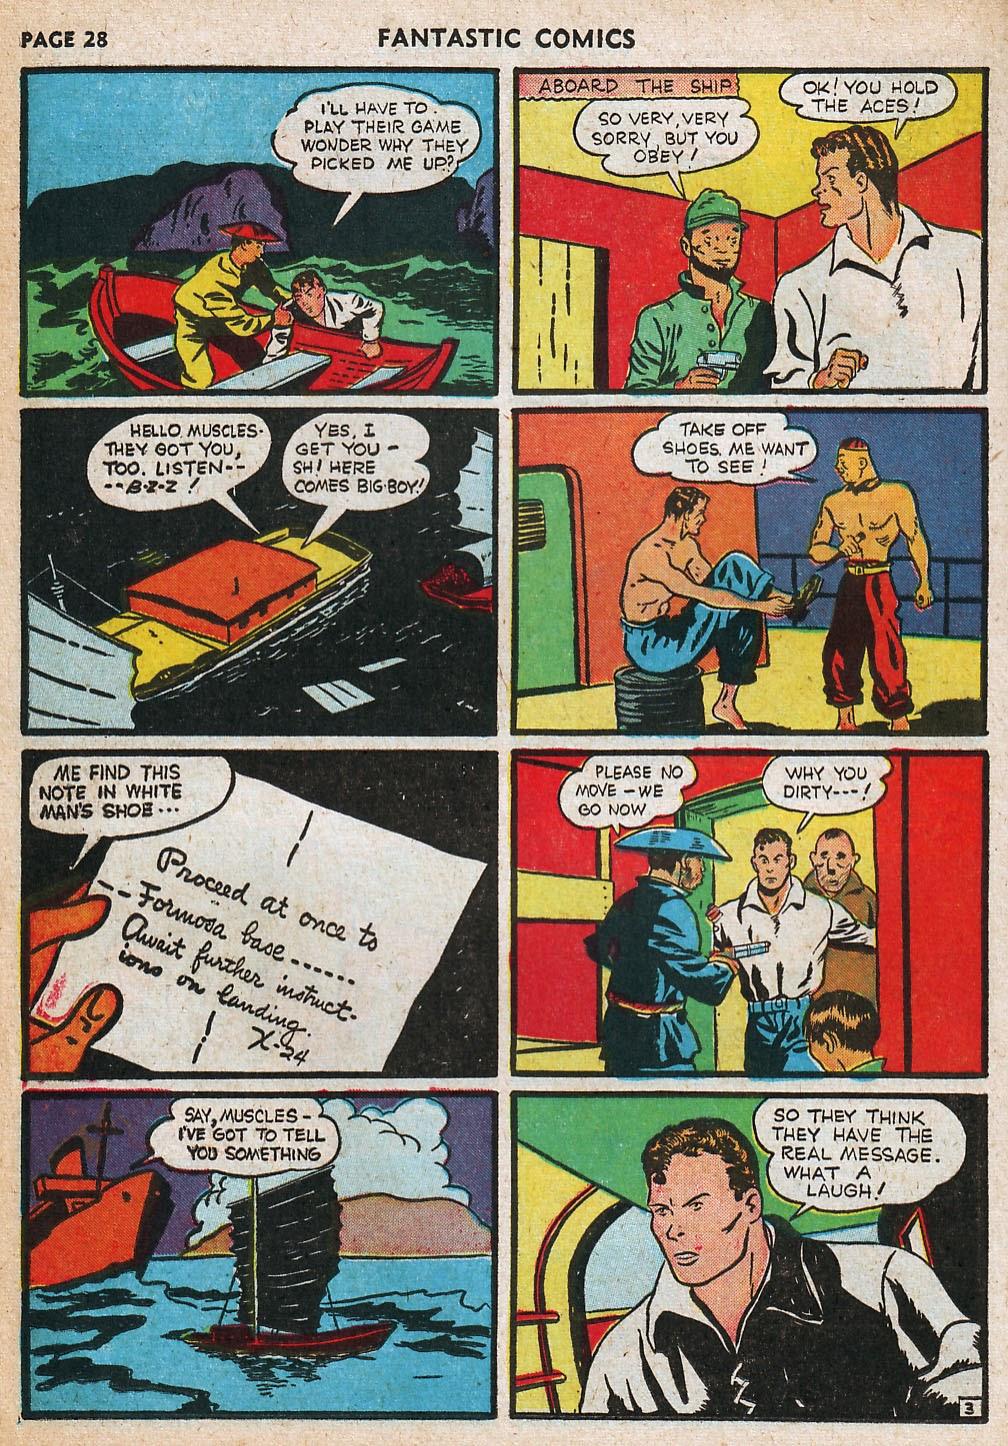 Read online Fantastic Comics comic -  Issue #20 - 29